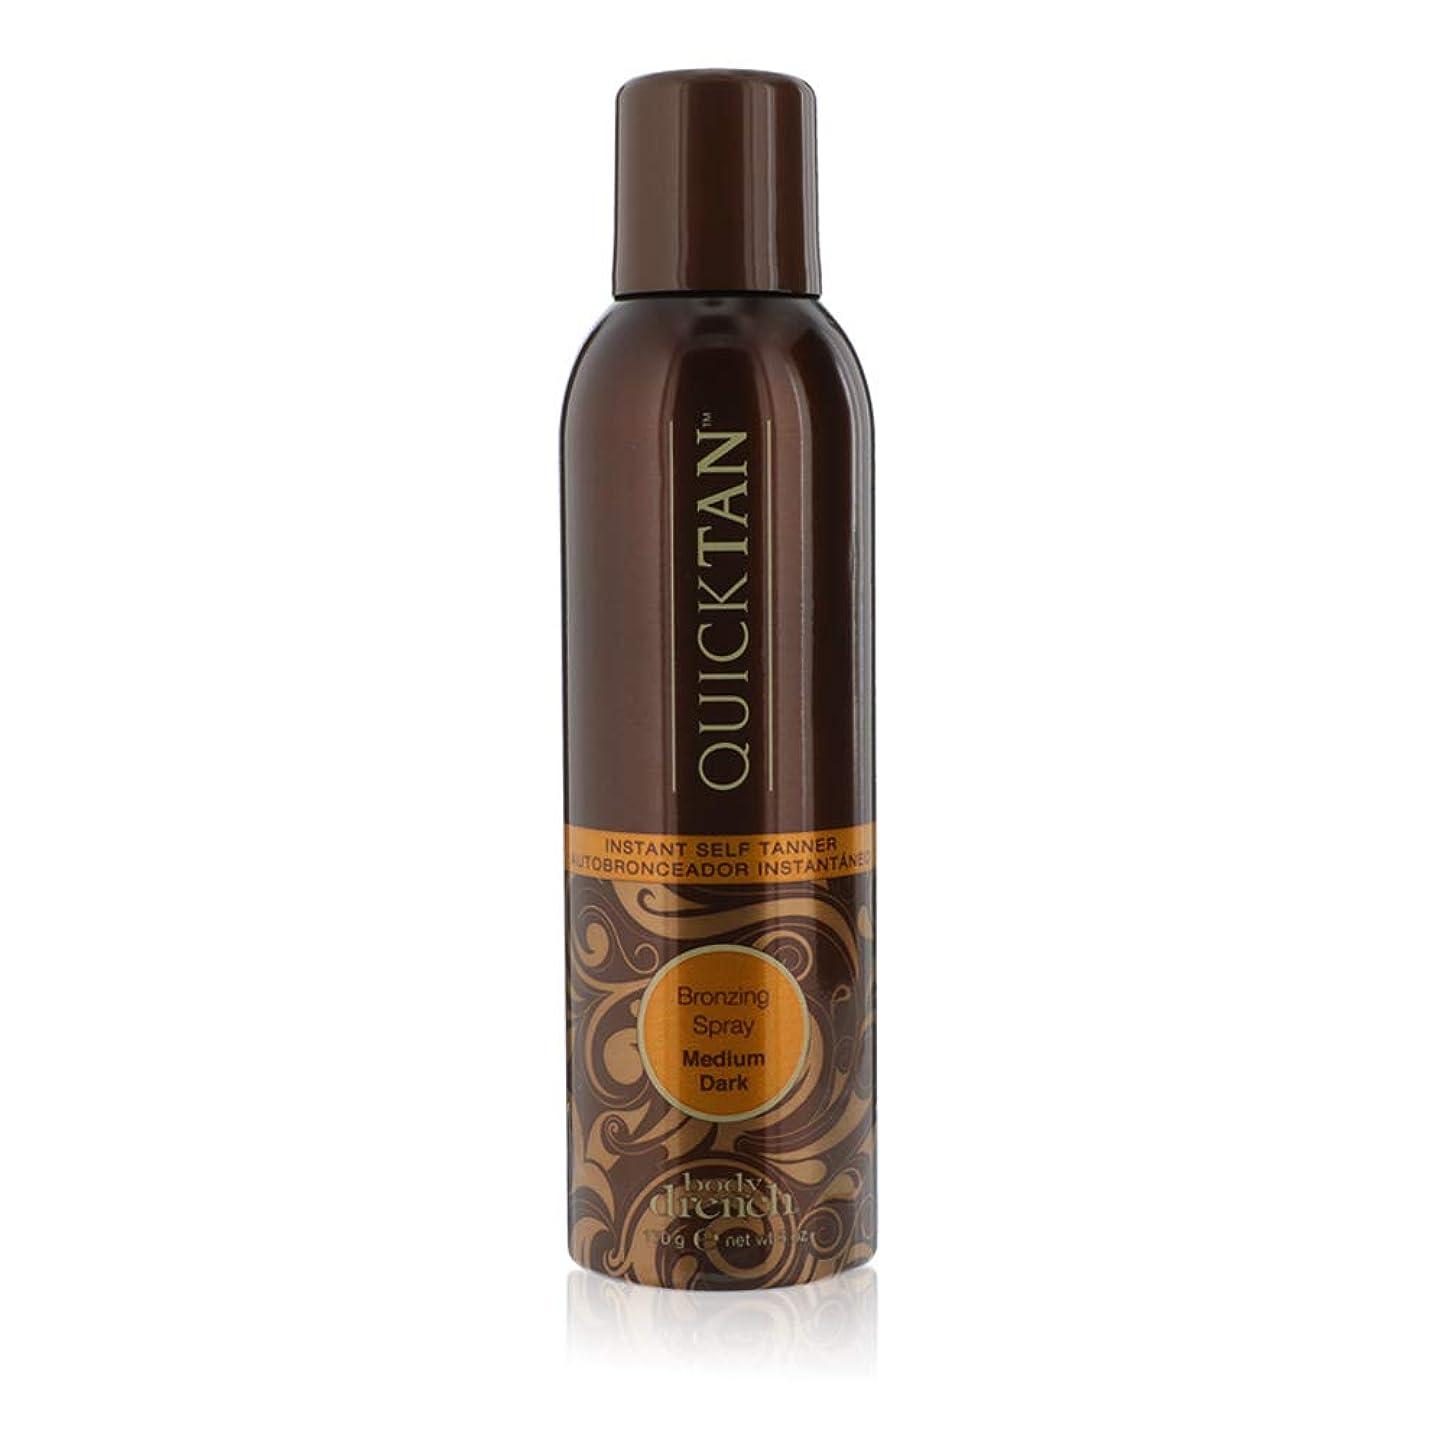 添加剤サークル不明瞭BODY DRENCH Quick Tan Bronzing Spray - Medium Dark